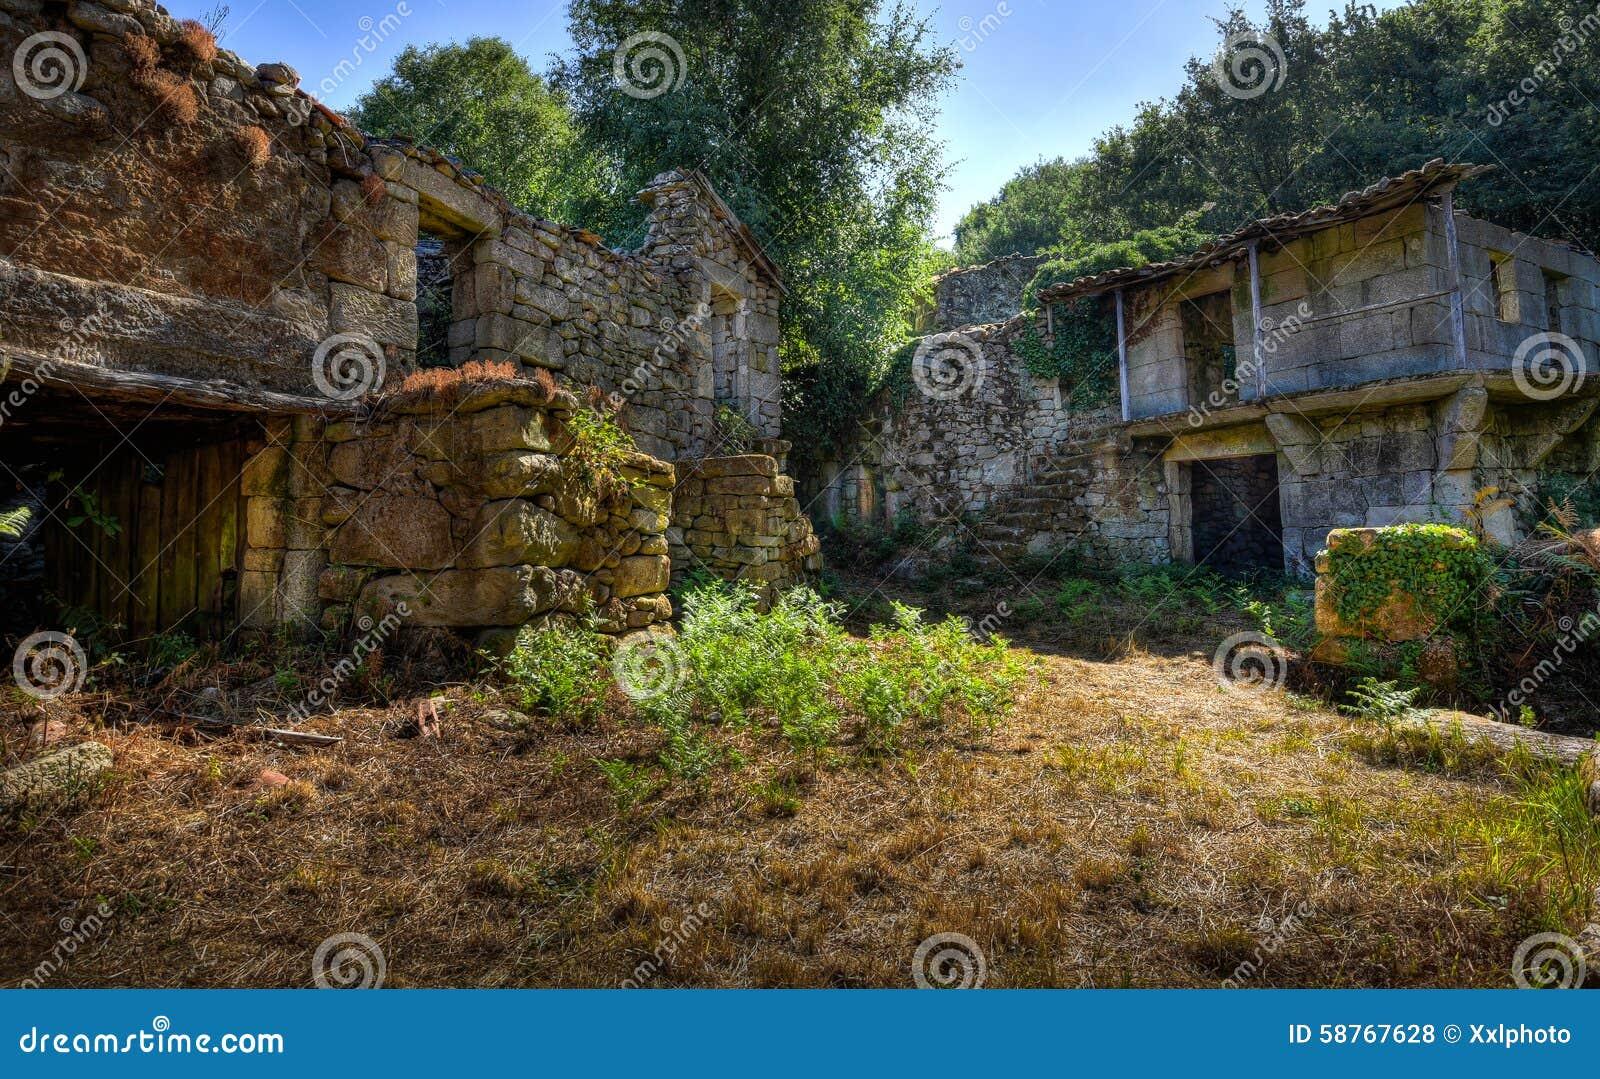 Vieux village abandonn dans les montagnes photo stock image 58767628 - Achat village abandonne ...